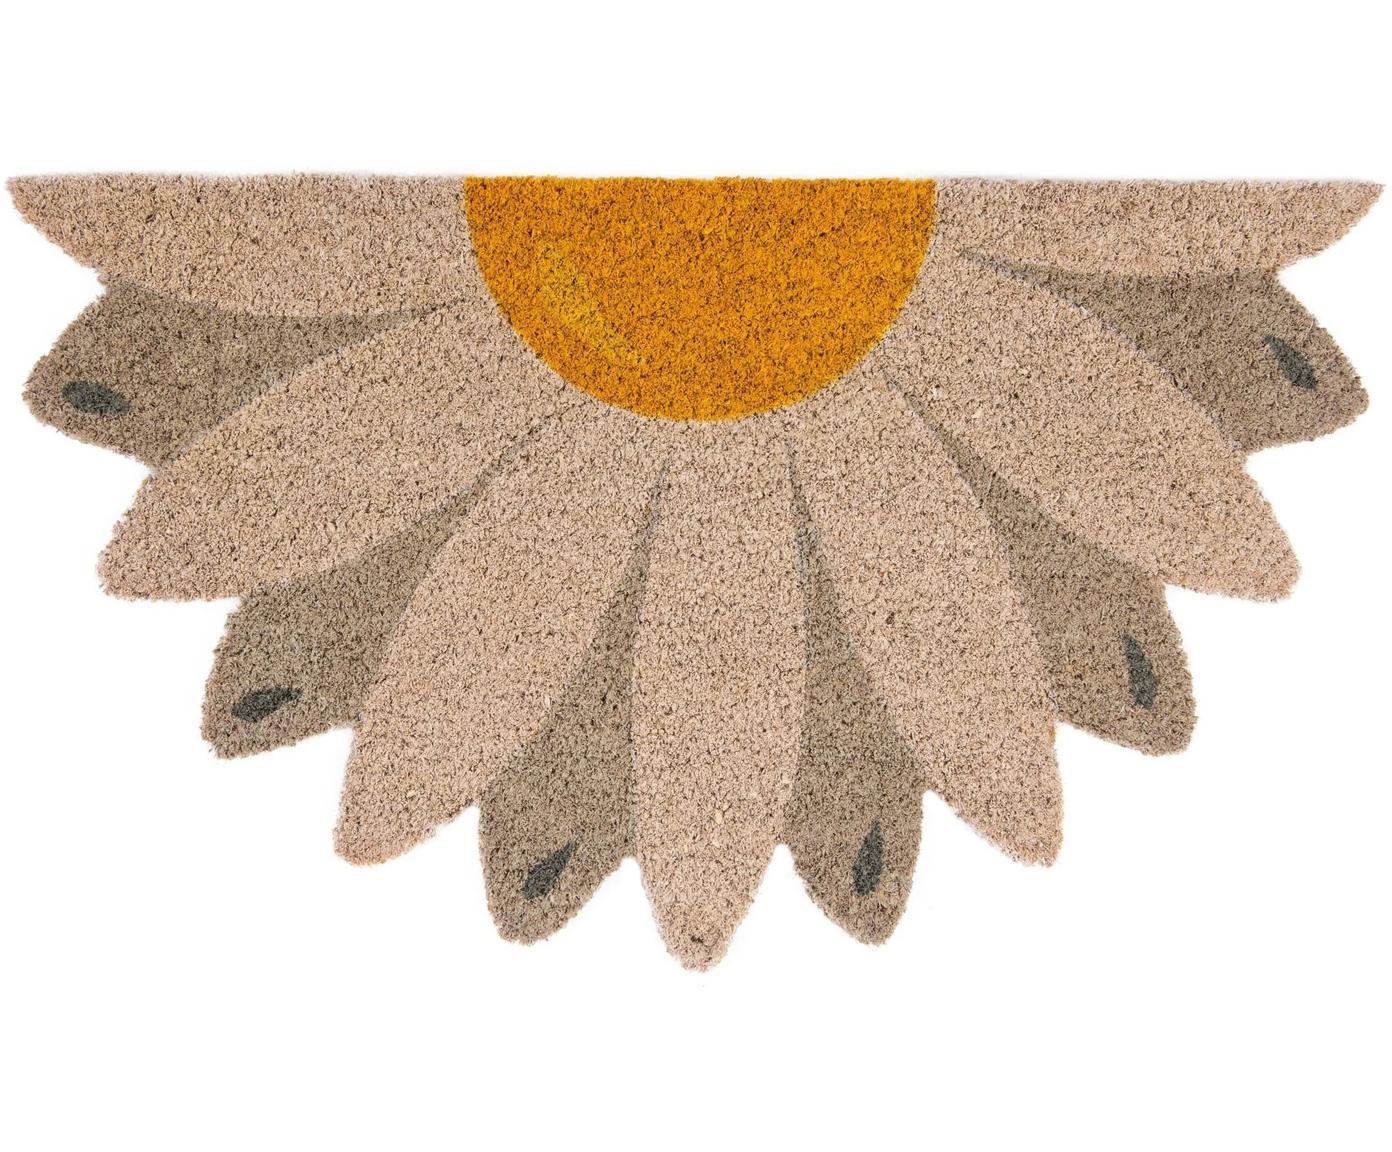 Deurmat Daisy, Kokosvezels, Beige, taupe, geel, 40 x 70 cm